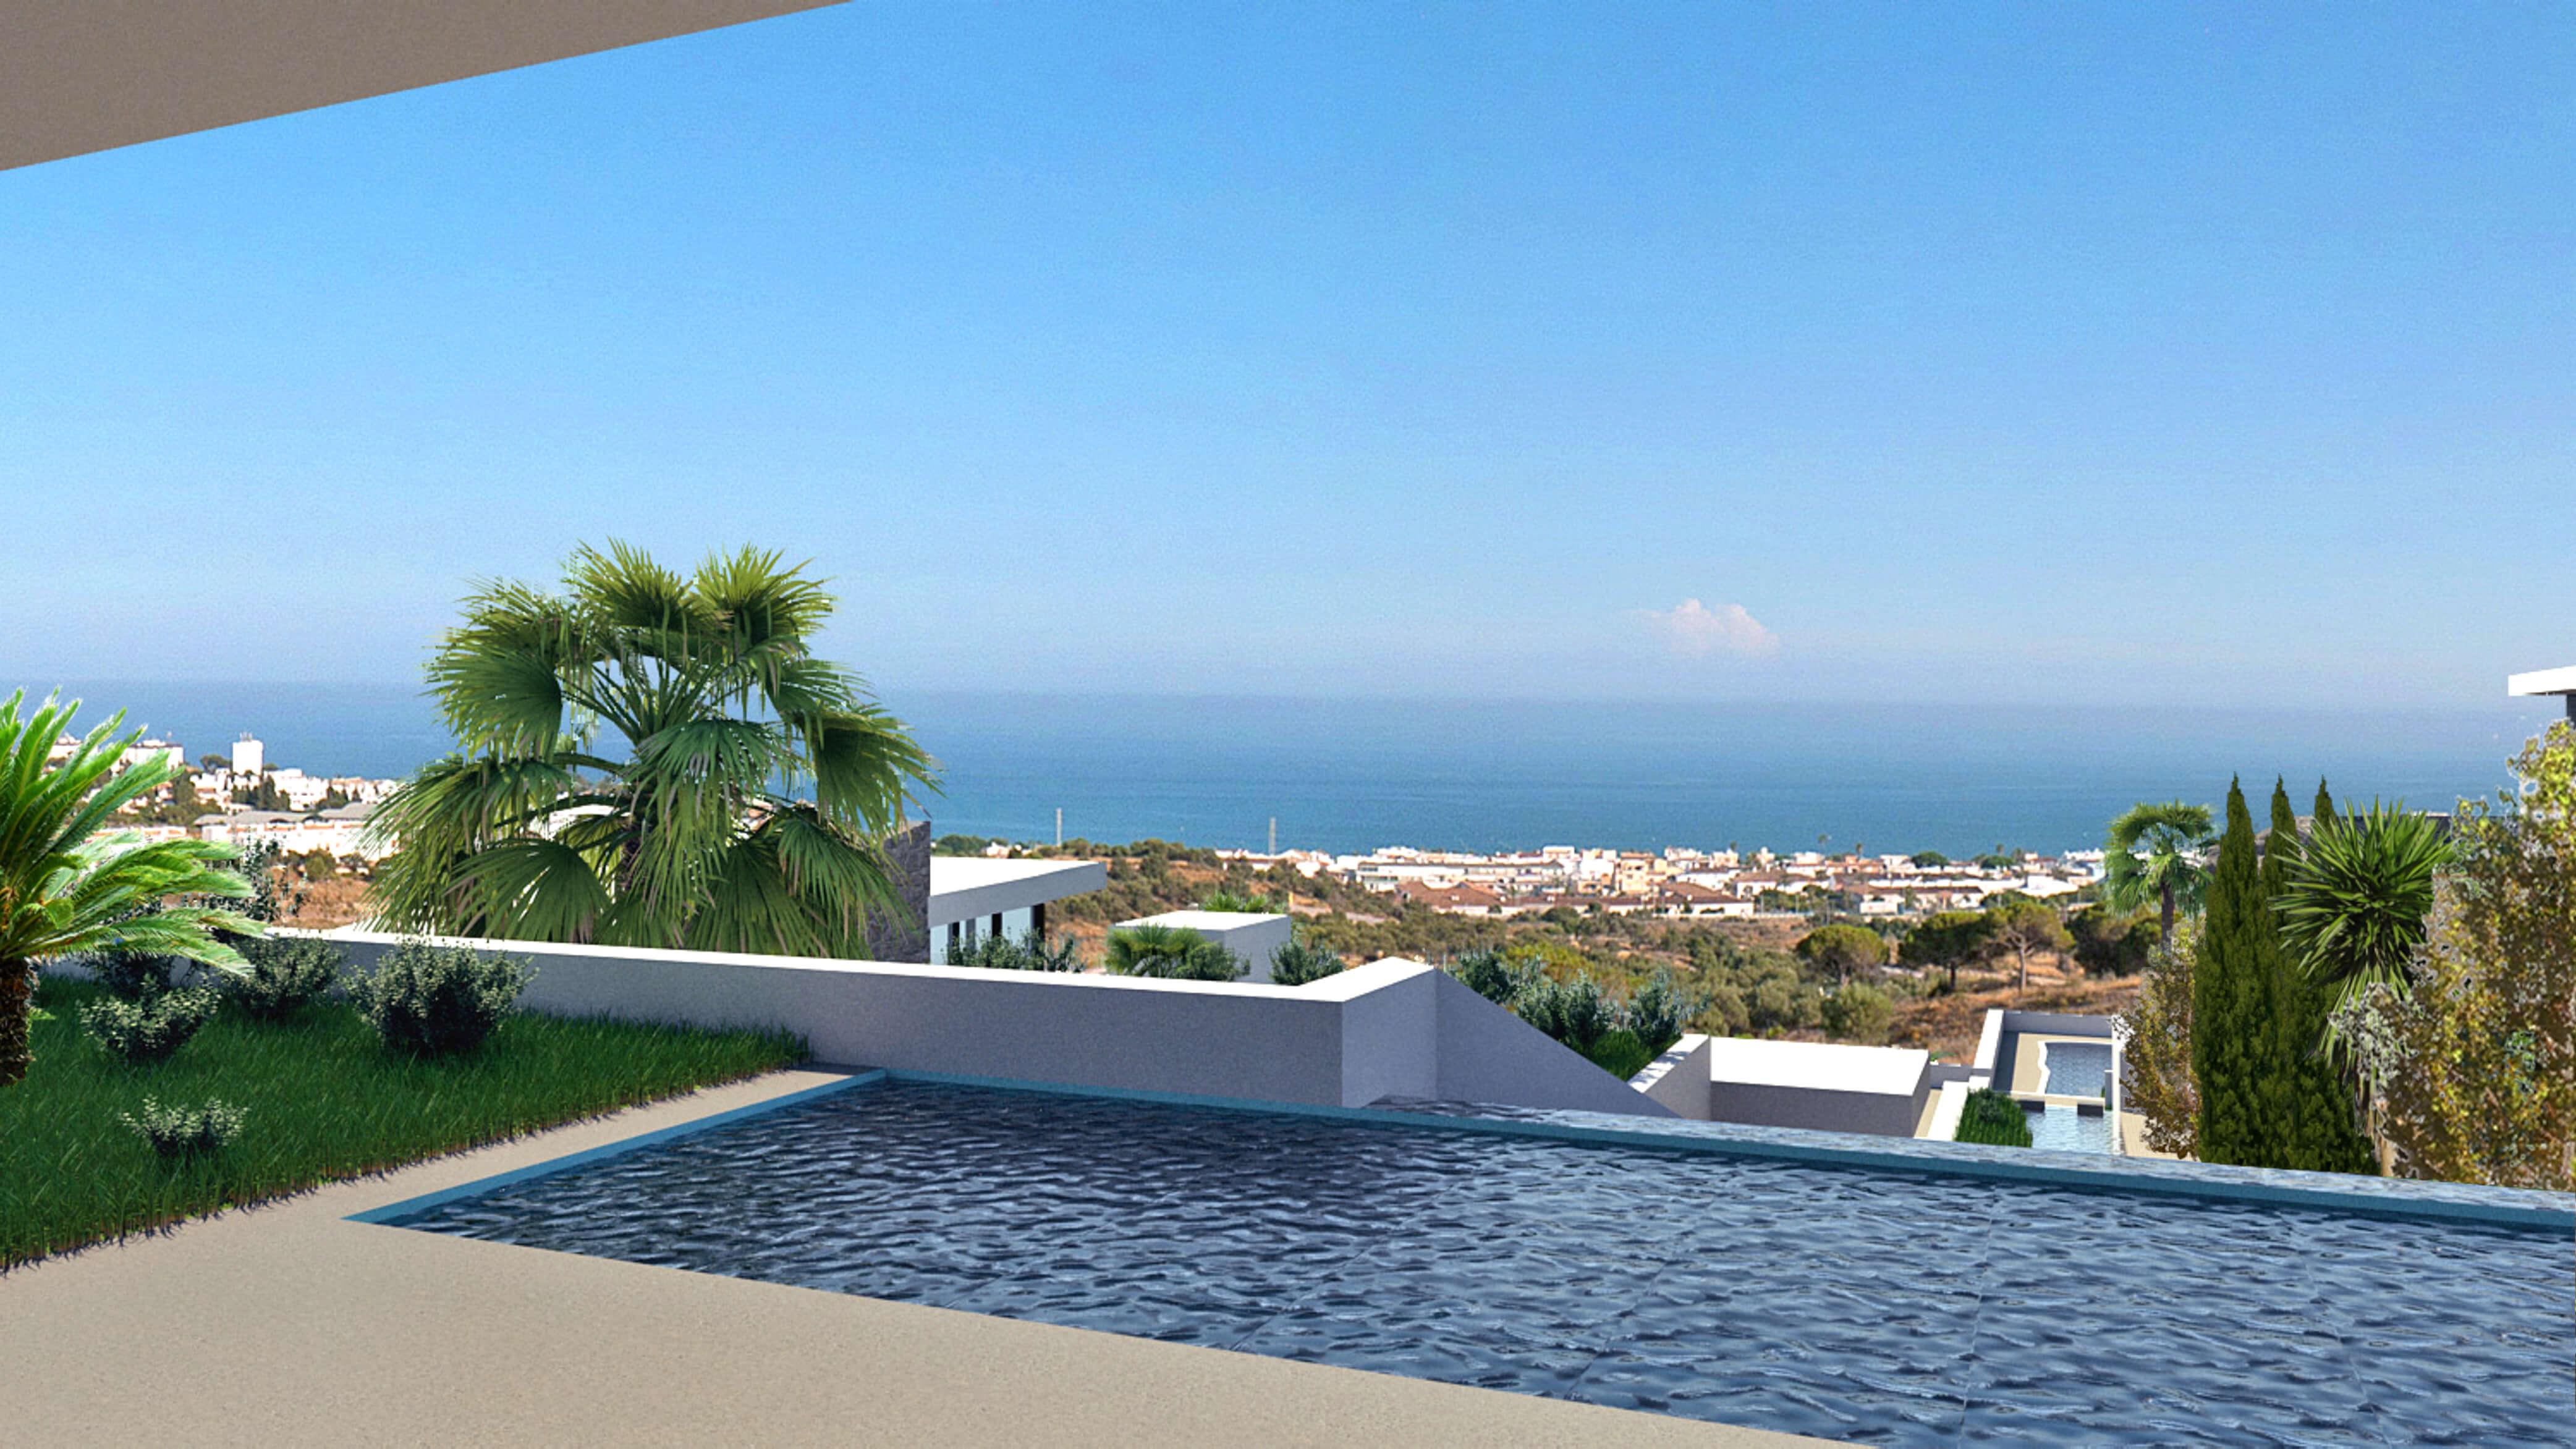 Vista desde la piscina de la Villa 3, La Cala de Mijas, Costa del Sol, Málaga